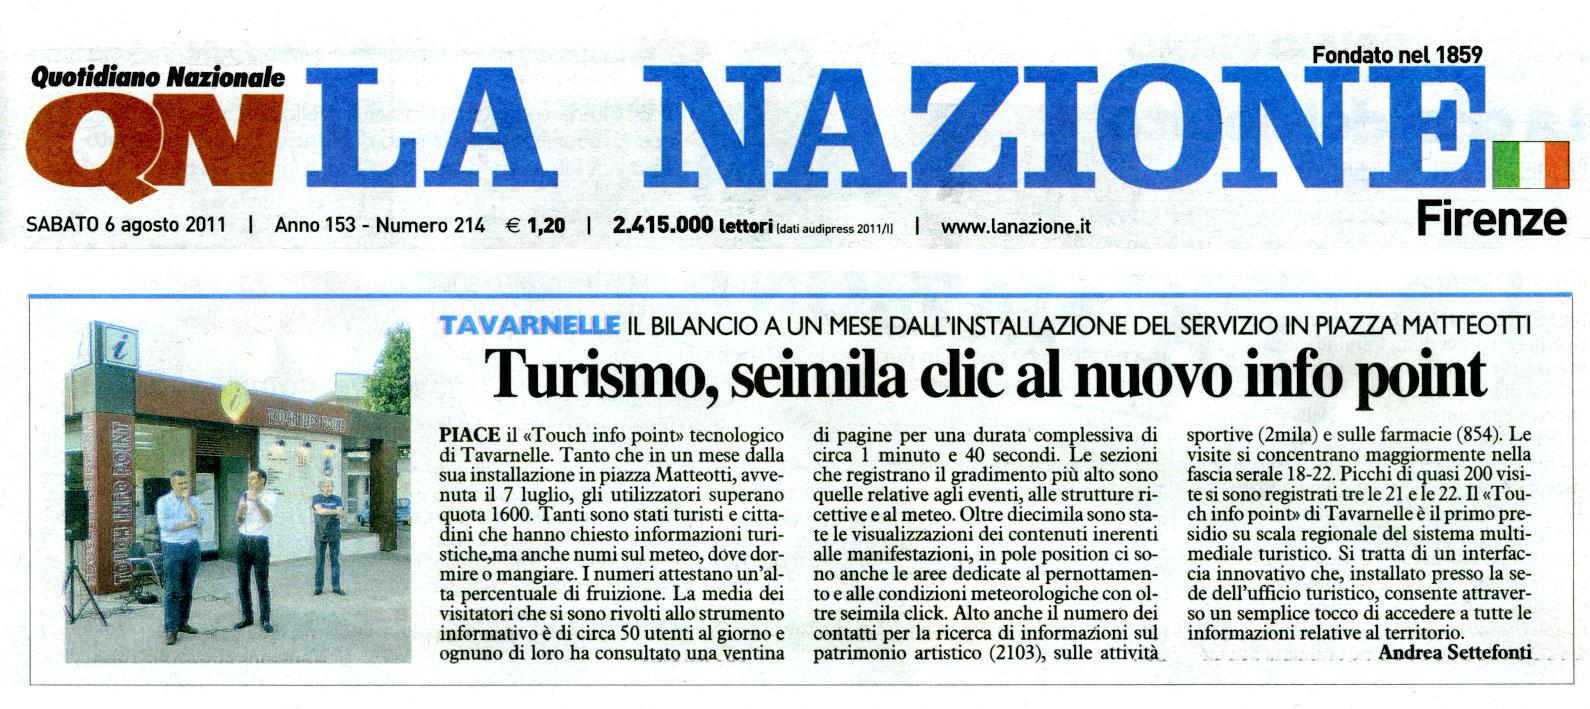 Rassegna stampa touch24 for Nazione di firenze